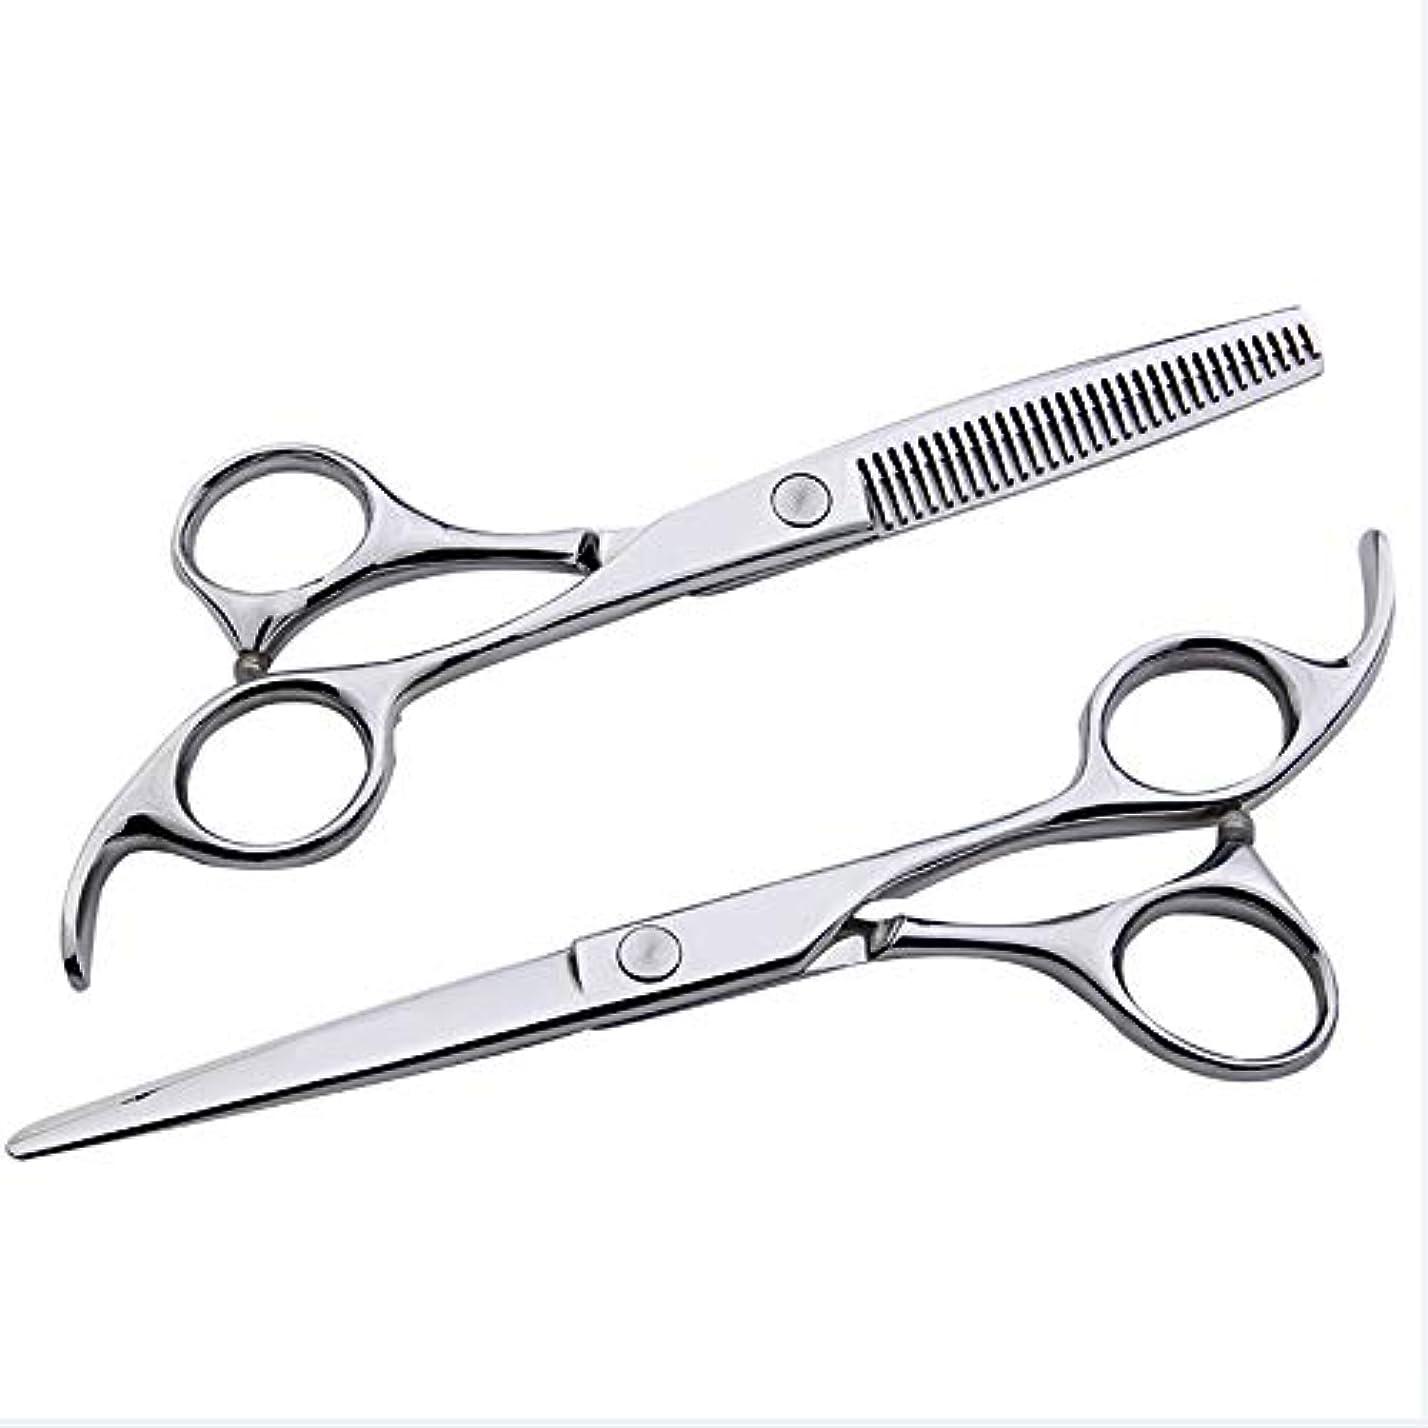 利得最後のつかの間理髪用はさみ 6インチ美容院プロの理髪セット、フラット+歯シザー家族理髪ツールヘアカット鋏ステンレス理髪はさみ (色 : Silver)